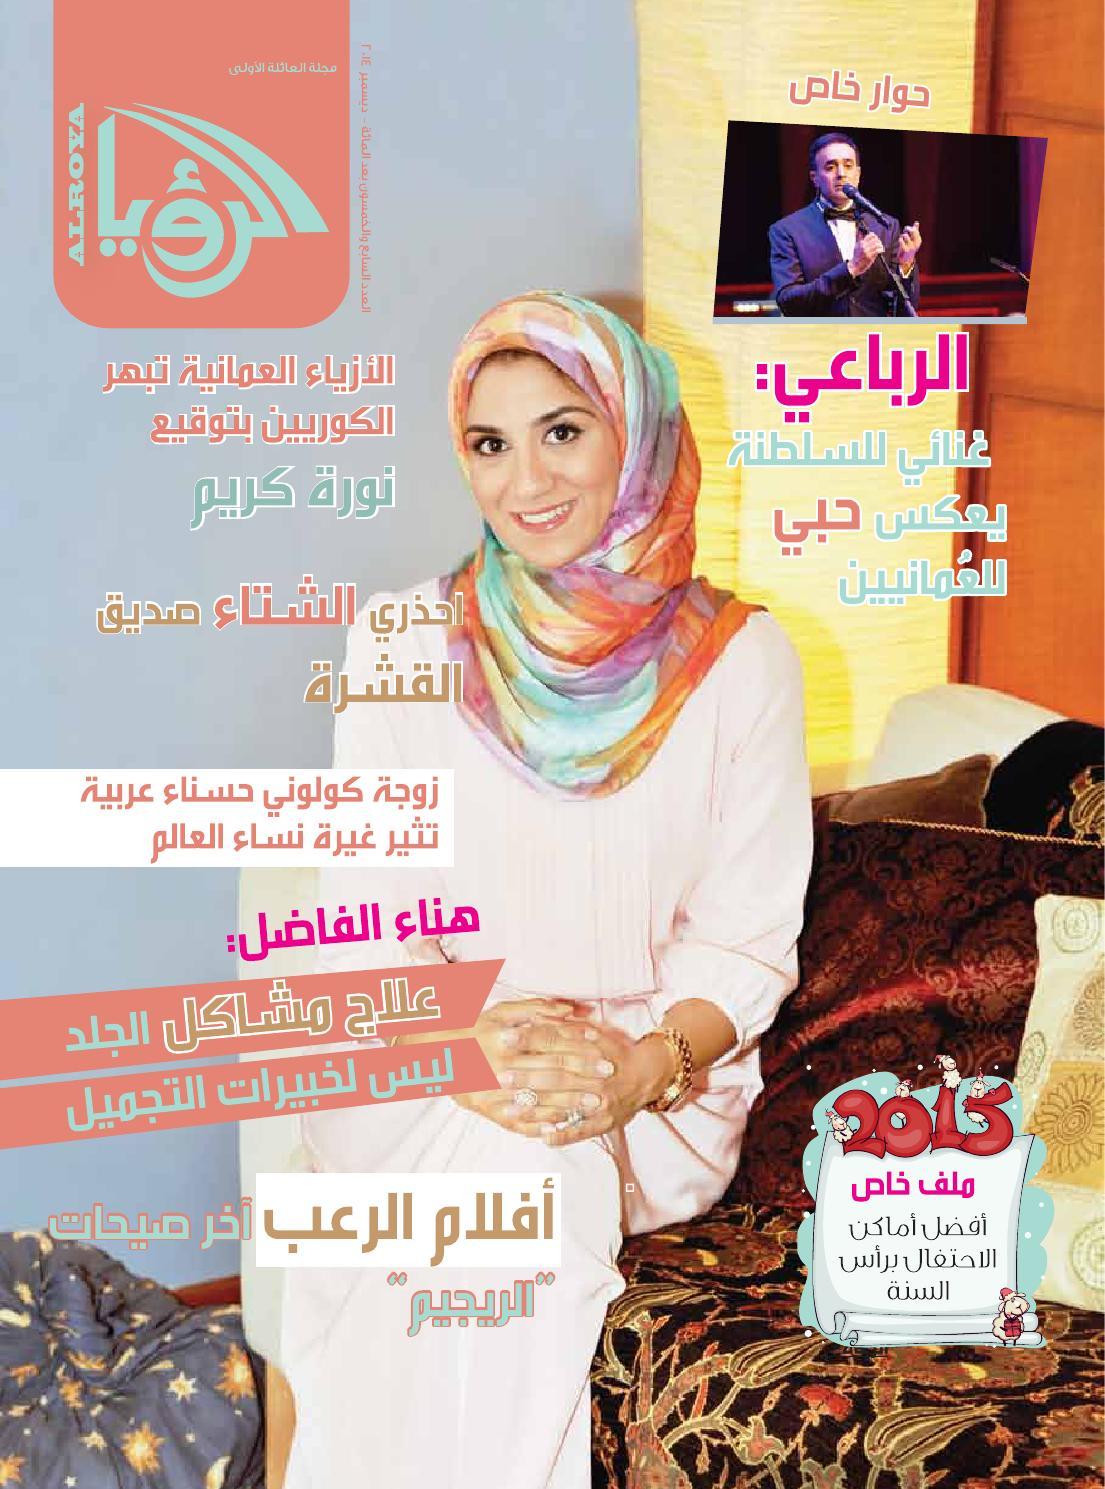 c9af0bc87edf6 Alroya Magazine December 2014 by ALROYA Magazine - issuu